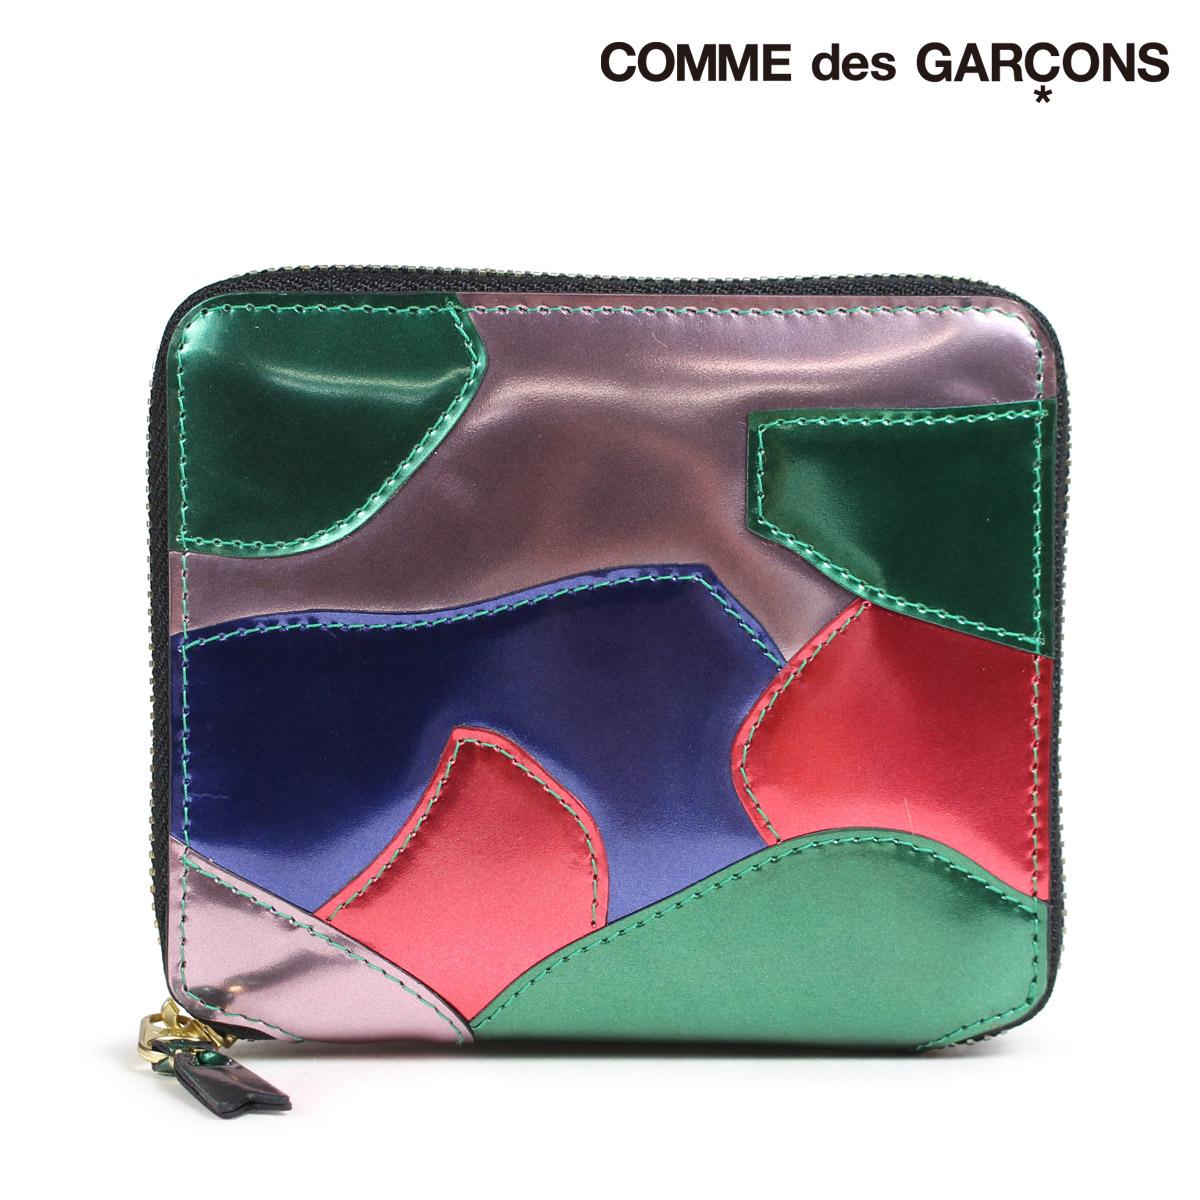 COMME des GARCONS SA2100PM コムデギャルソン 財布 二つ折り メンズ レディース ラウンドファスナー マルチカラー